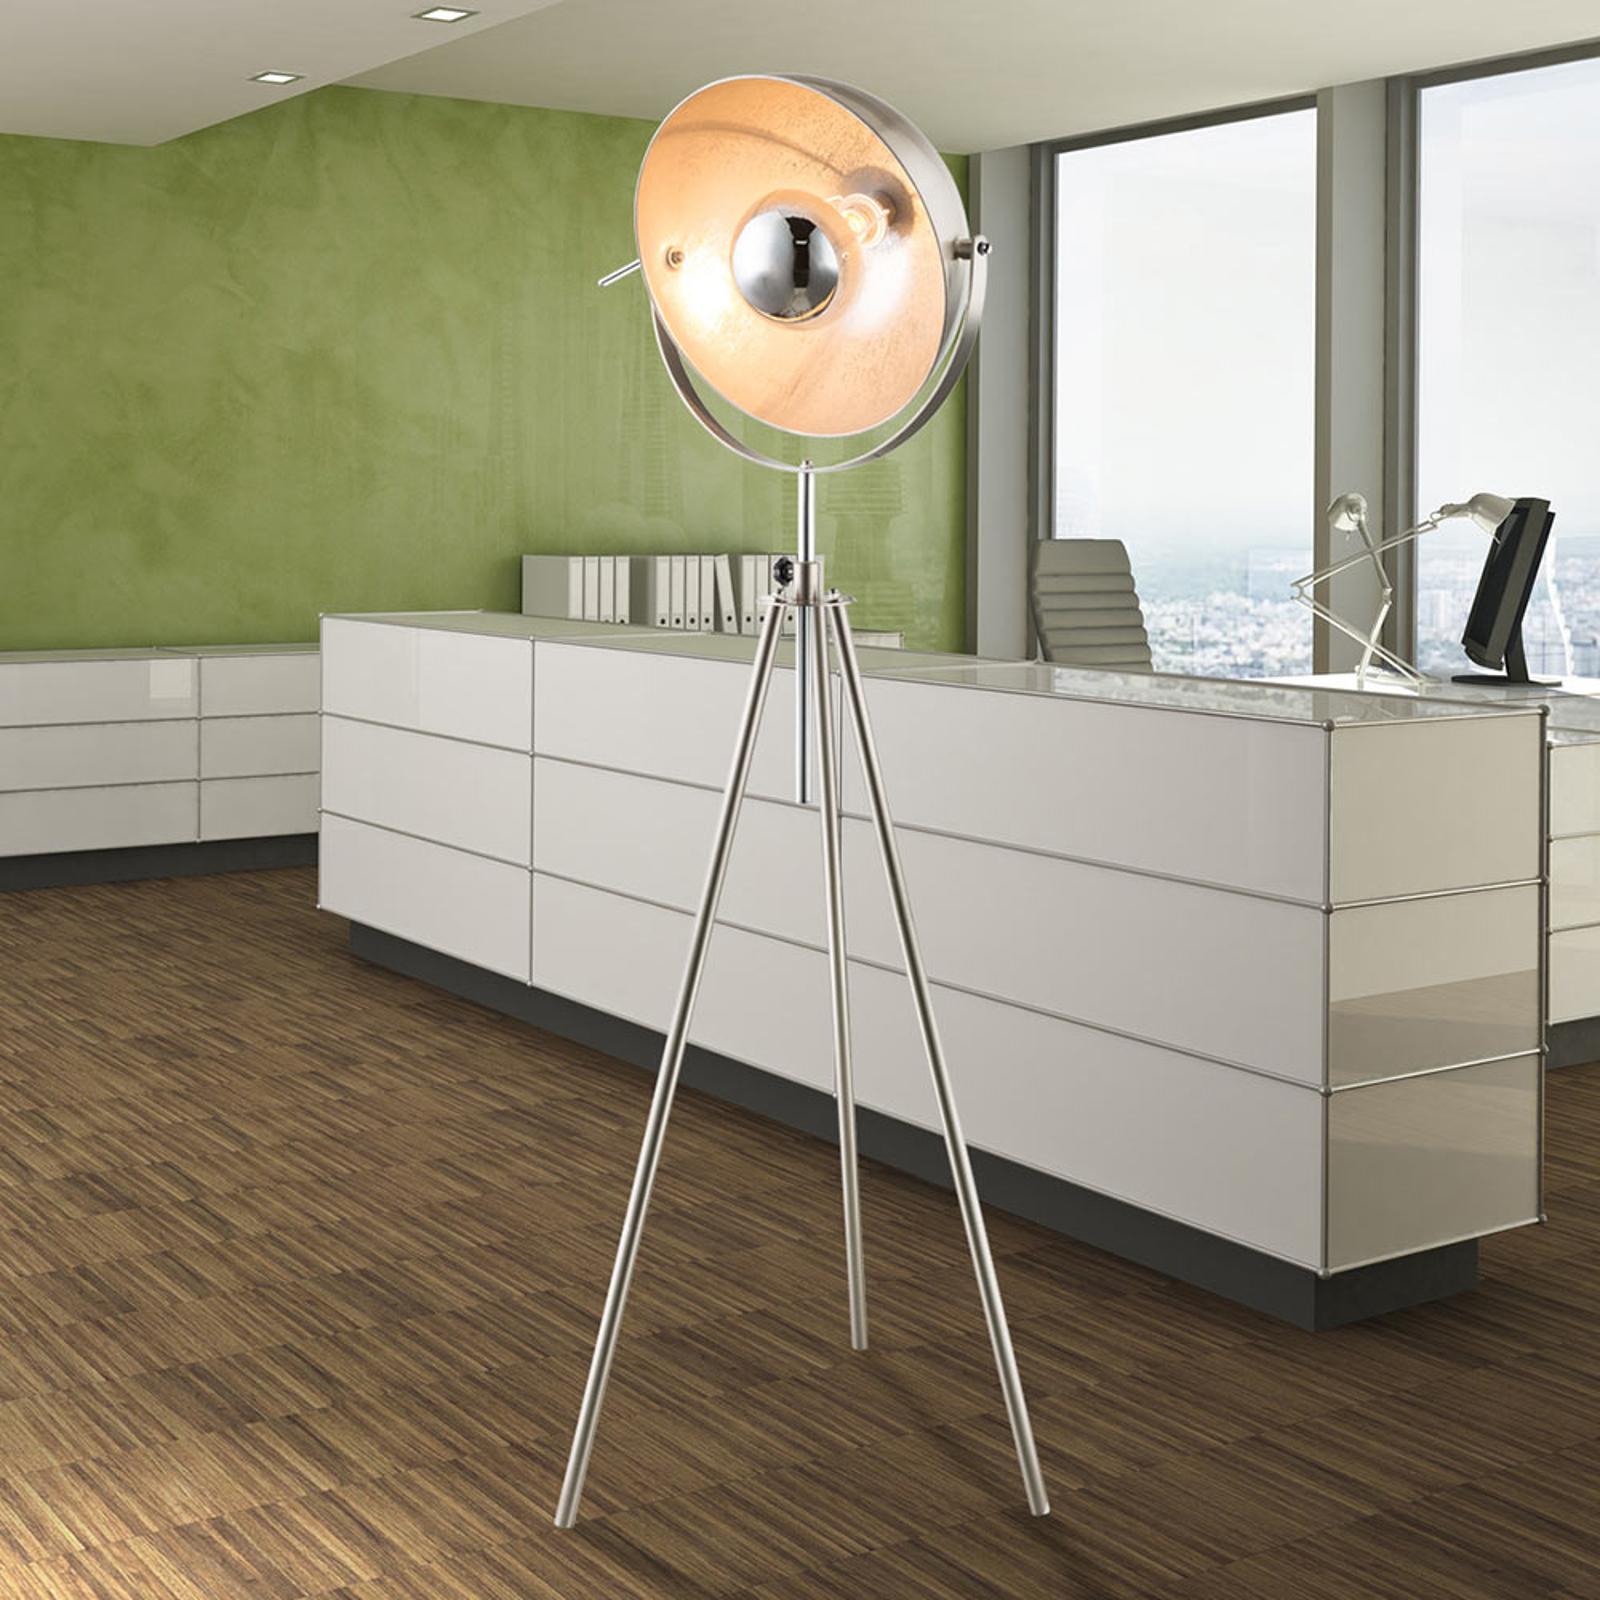 Trójnożna lampa stojąca Nosy niklowa/srebrna